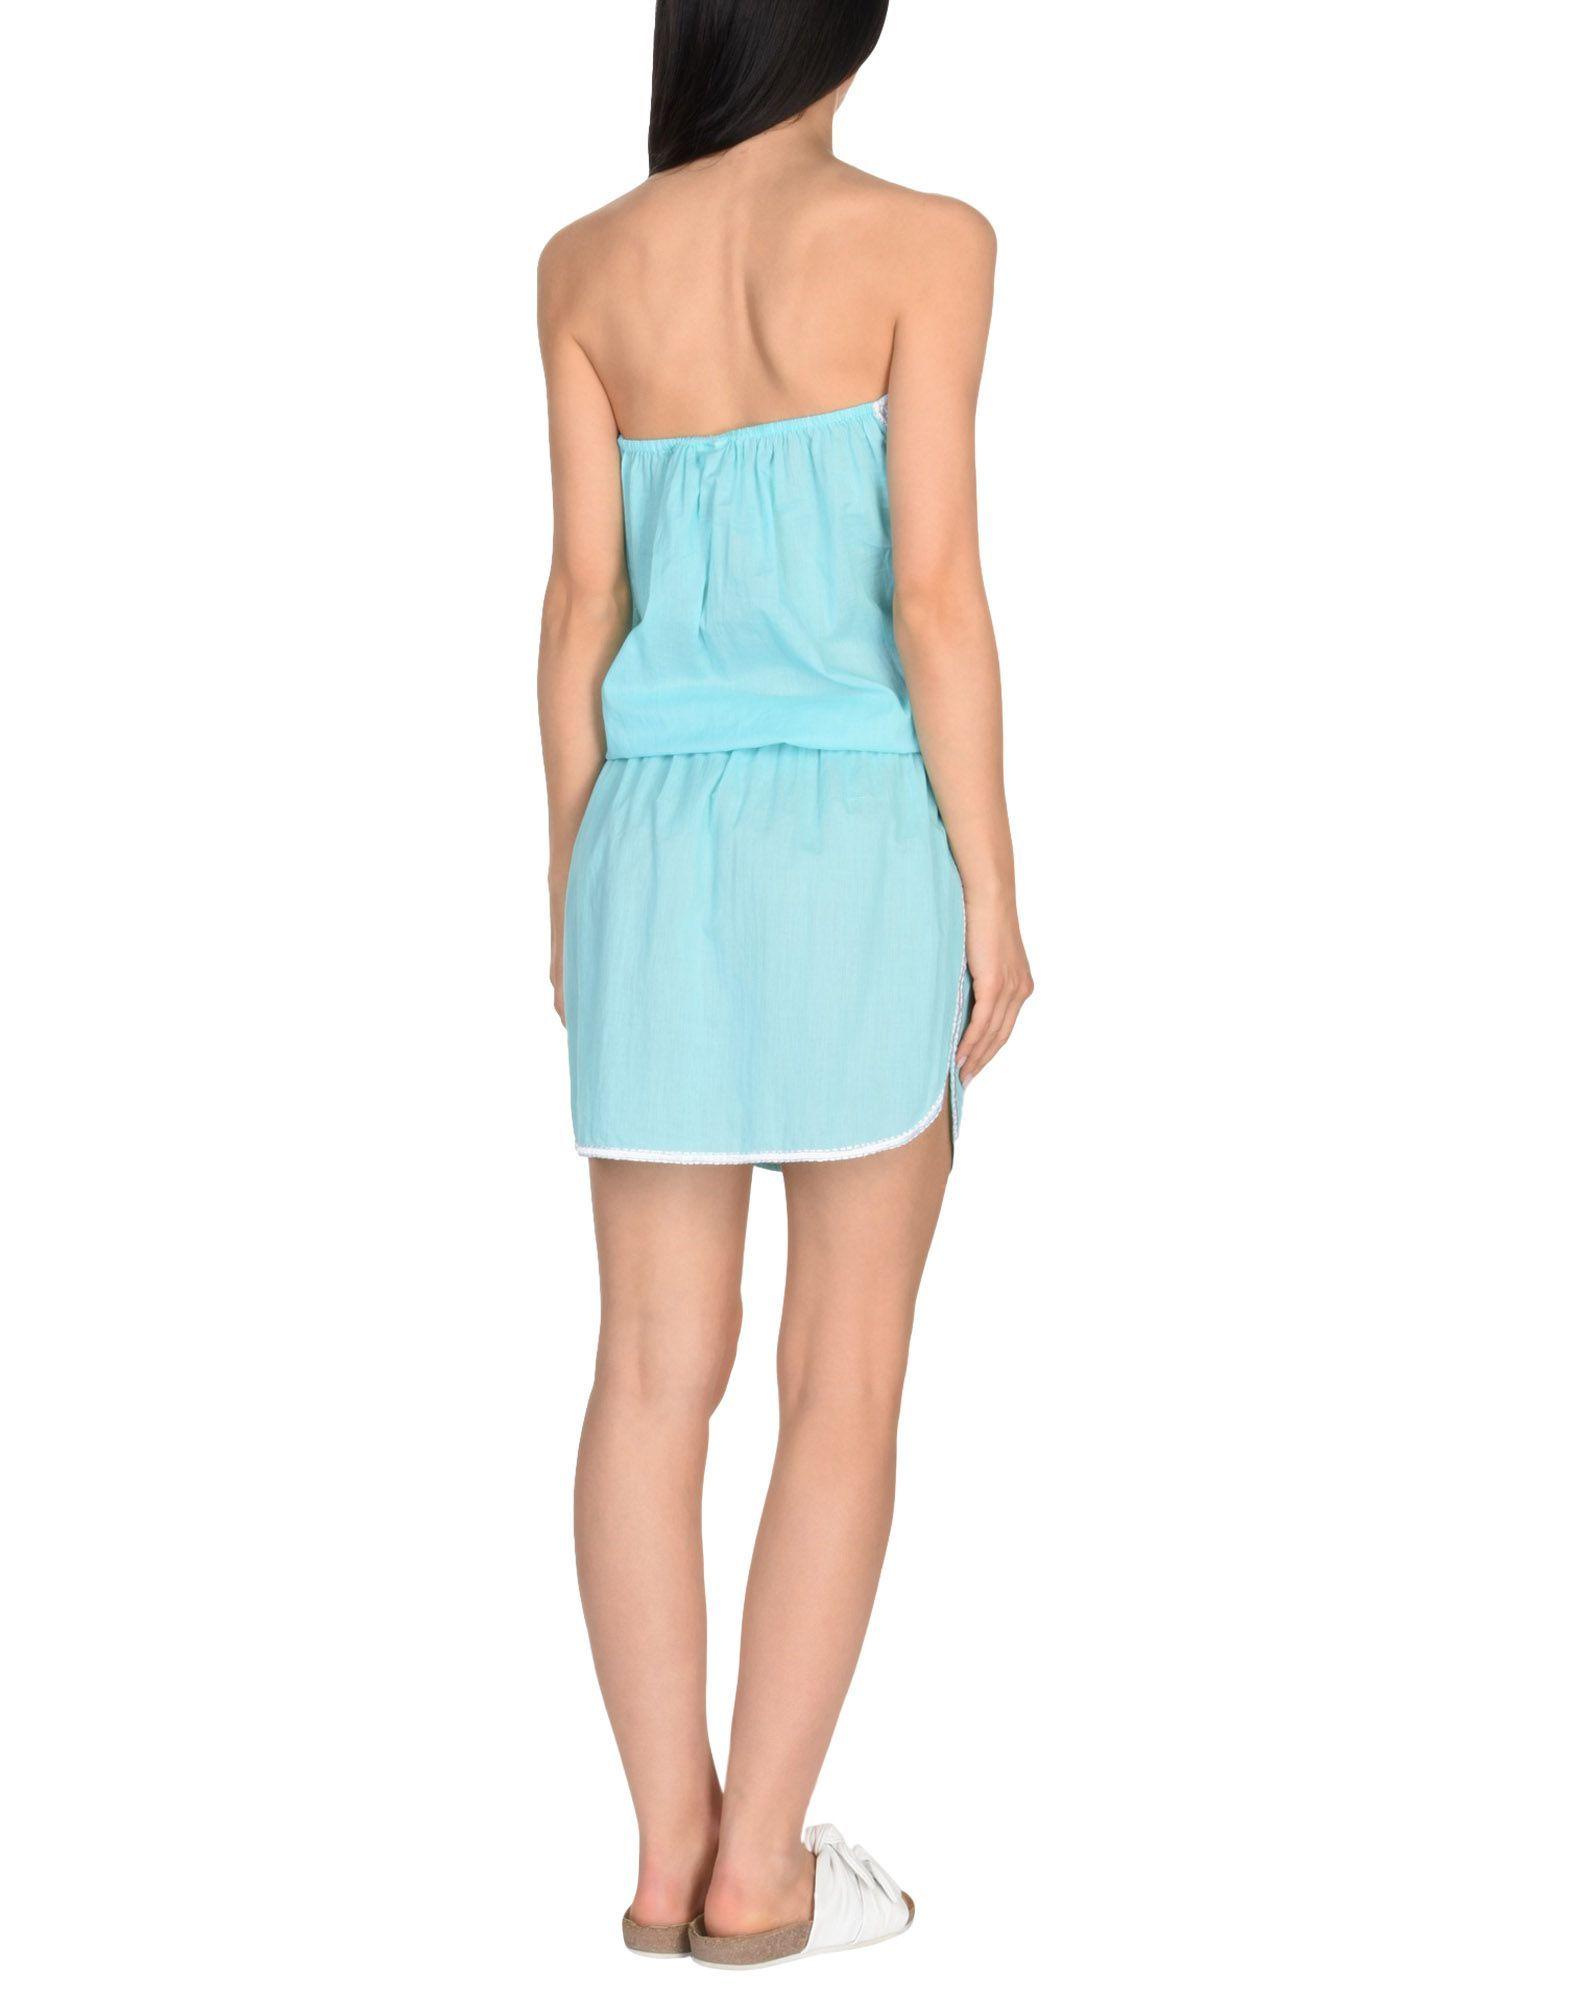 Heidi Klein Turquoise Cotton Bandeau Dress